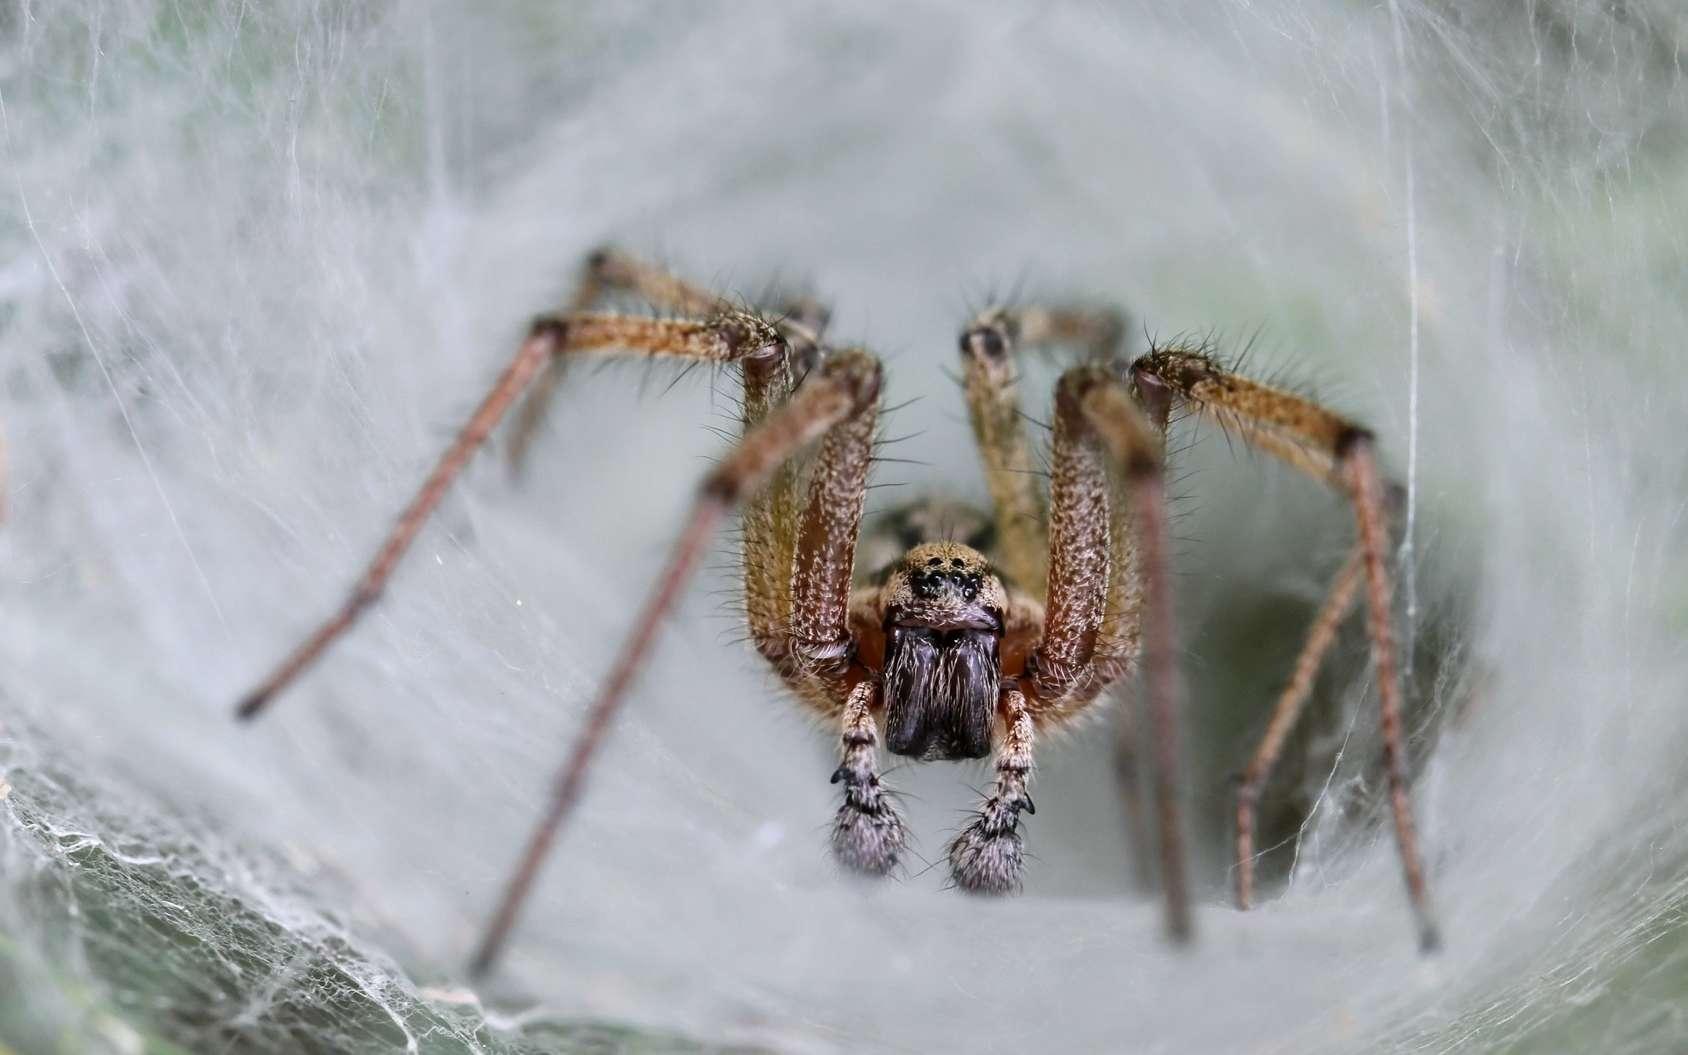 Le venin provenait d'une araignée à toile-entonnoir, dont le nom est lié à la forme de sa toile. © butterfly-photos.org, Fotolia